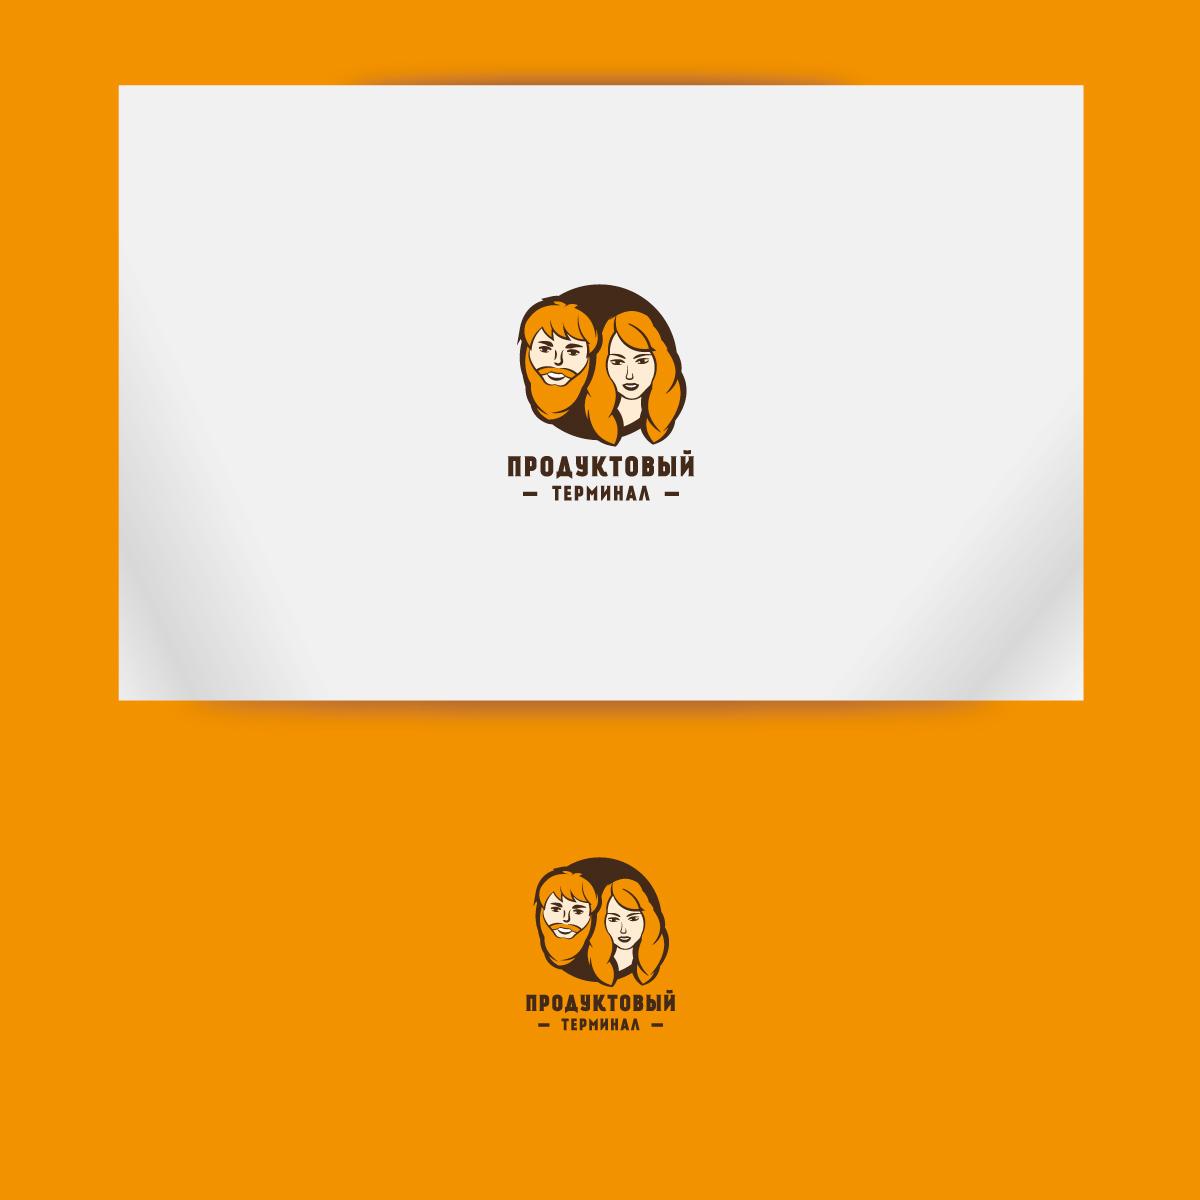 Логотип для сети продуктовых магазинов фото f_63056fd09beb9fe8.jpg